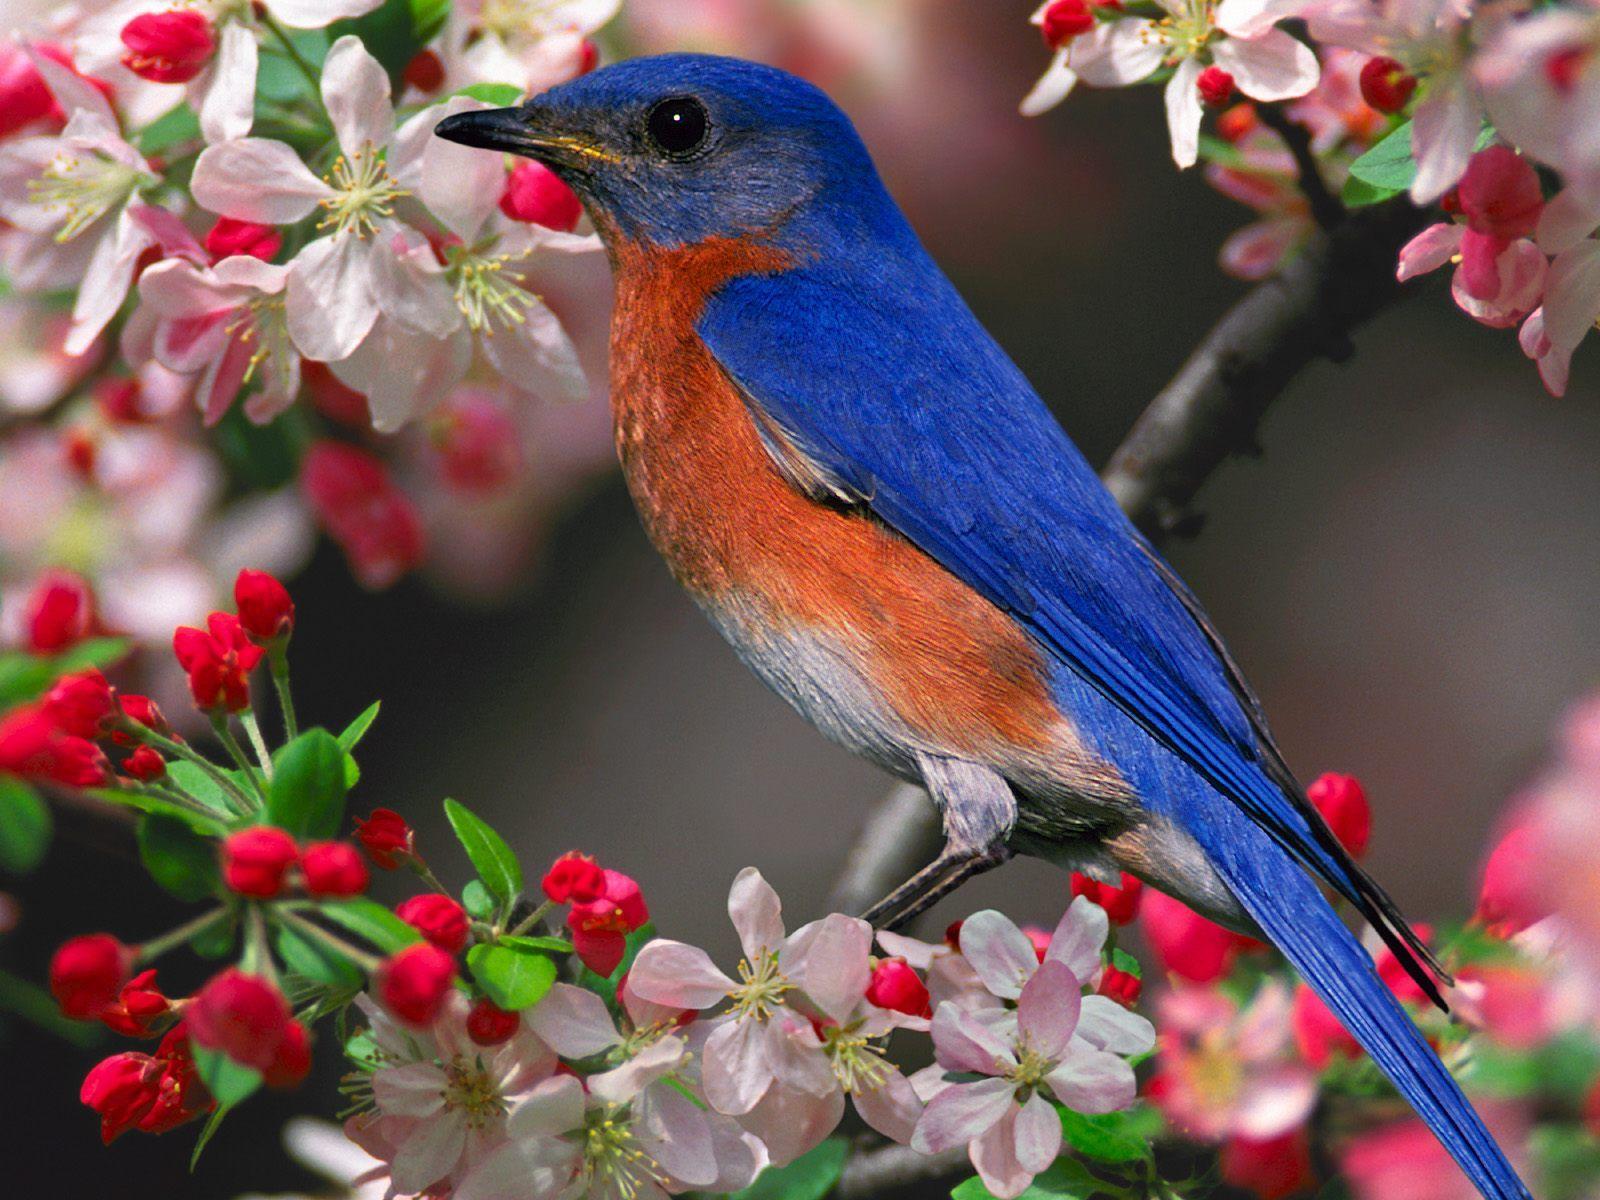 Hd Animals Wallpapers 12 Beautiful Birds Desktop Wallpapers Free Beautiful Bird Wallpaper Most Beautiful Birds Beautiful Birds